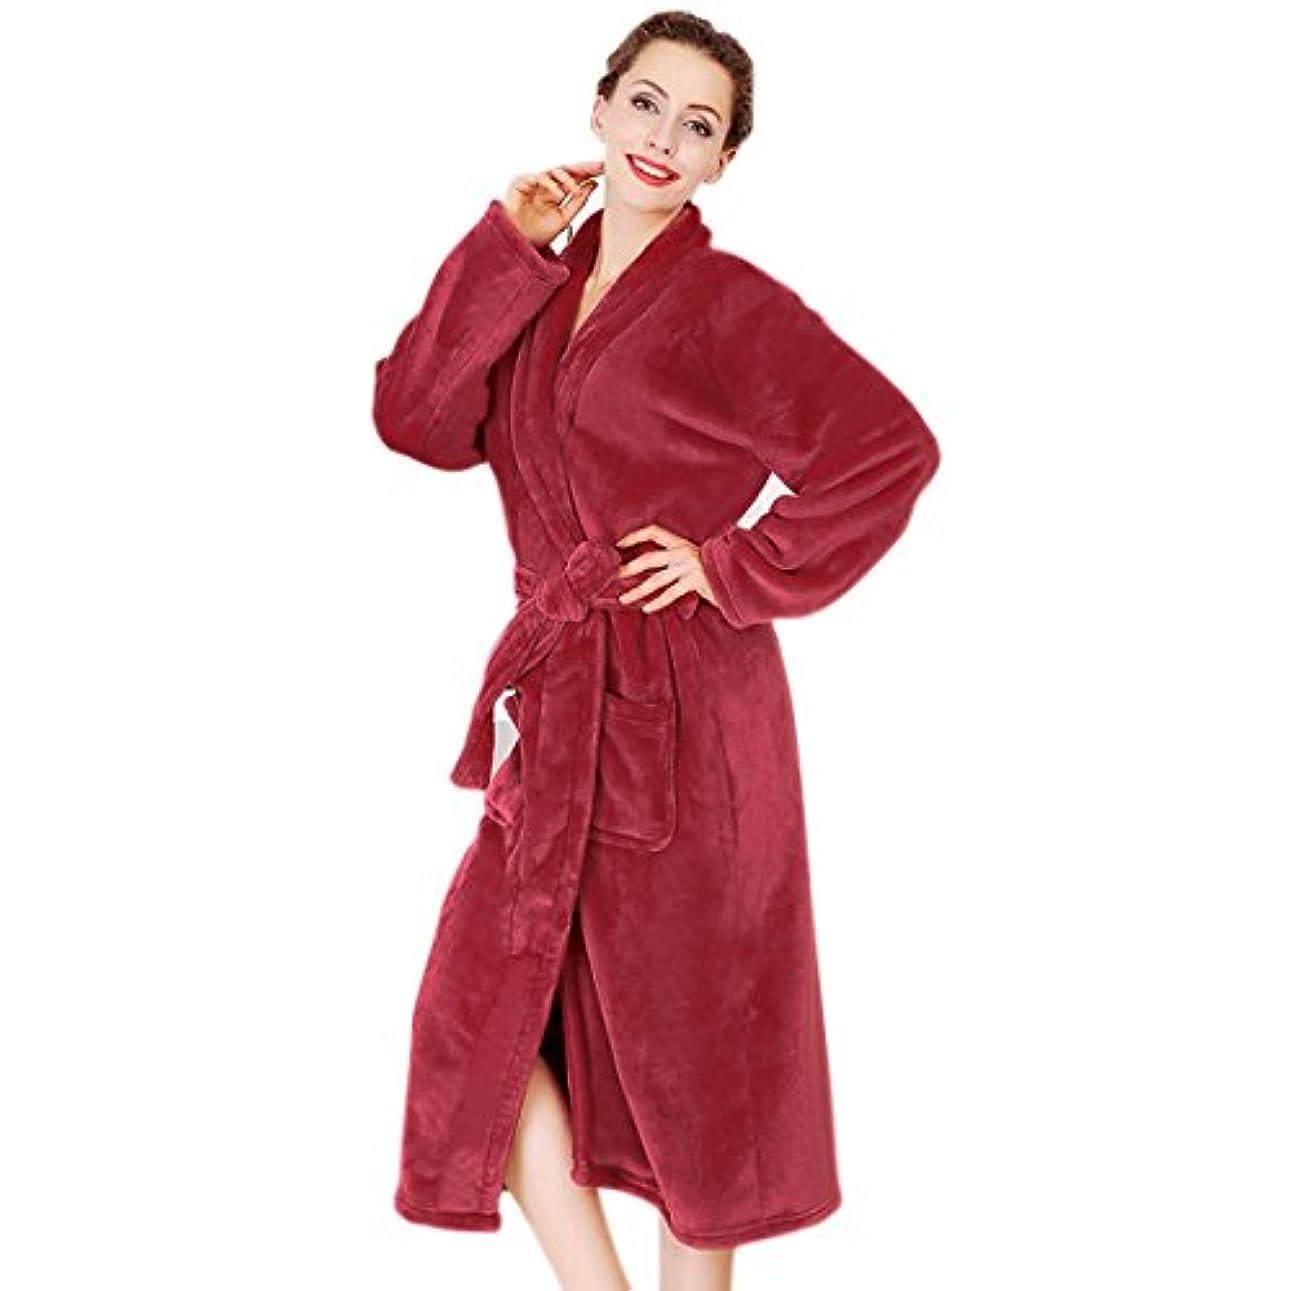 不条理吸収コントラスト(Baoxinjp)メンズ レディース パジャマ バスローブ カップル ガウン 部屋着 寝巻き 可愛い 人気 長袖 お風呂上り 男女兼用 新婚祝い ルームウエア フリーサイズ